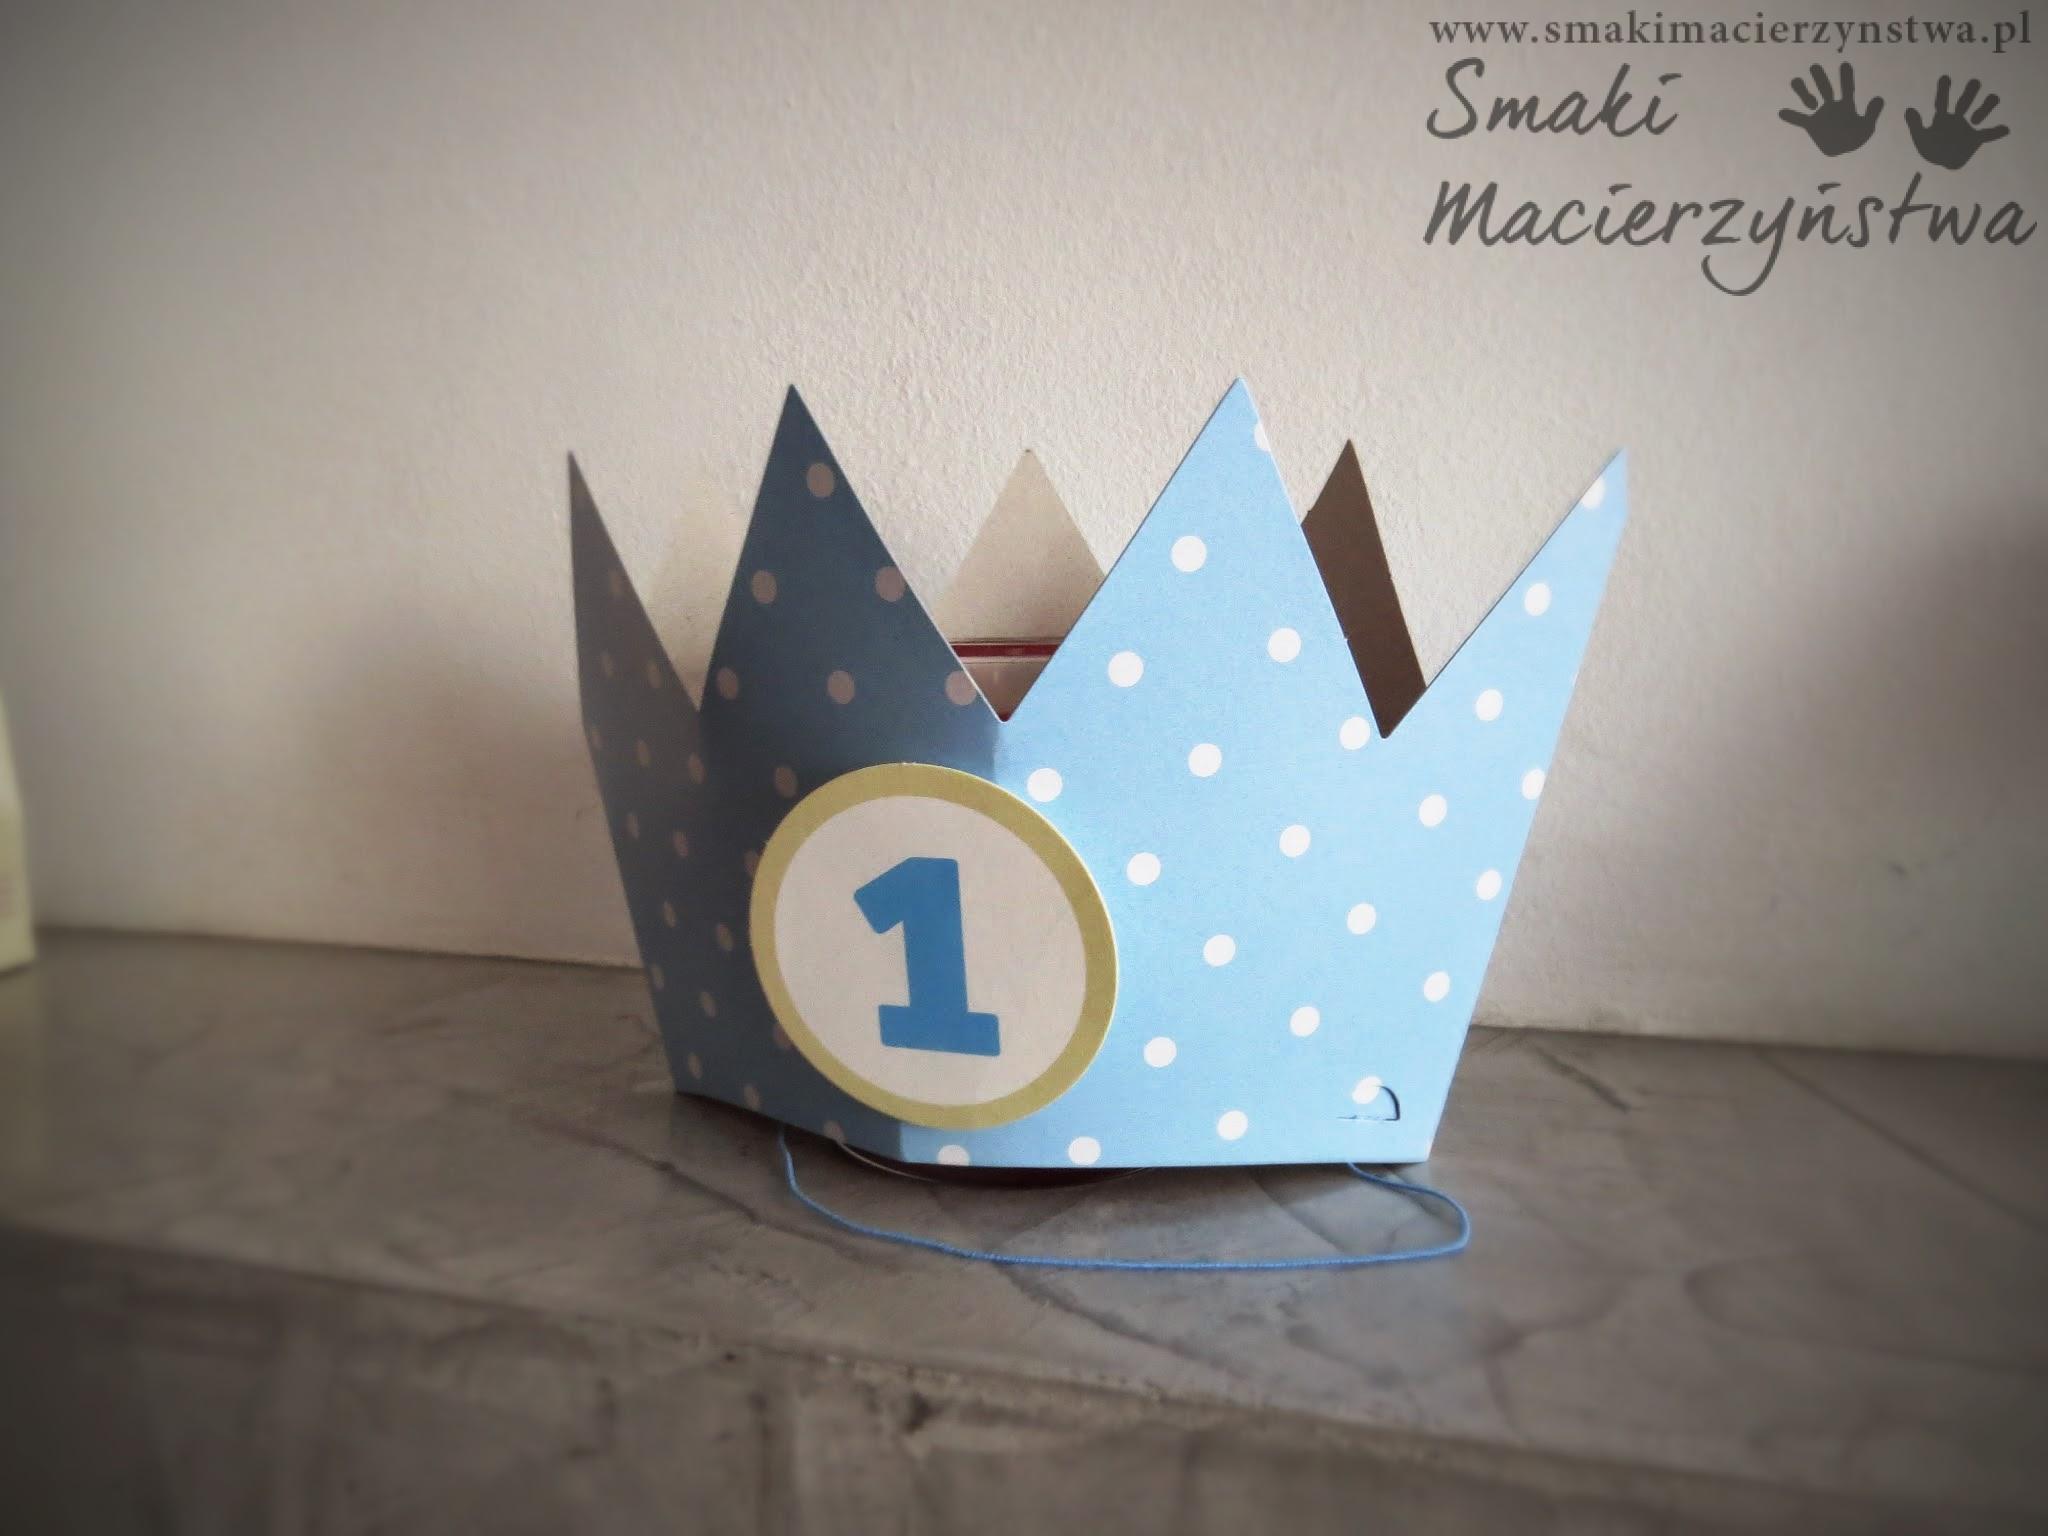 Jak Przygotować 1 Urodziny Dziecka Smakimacierzynstwapl